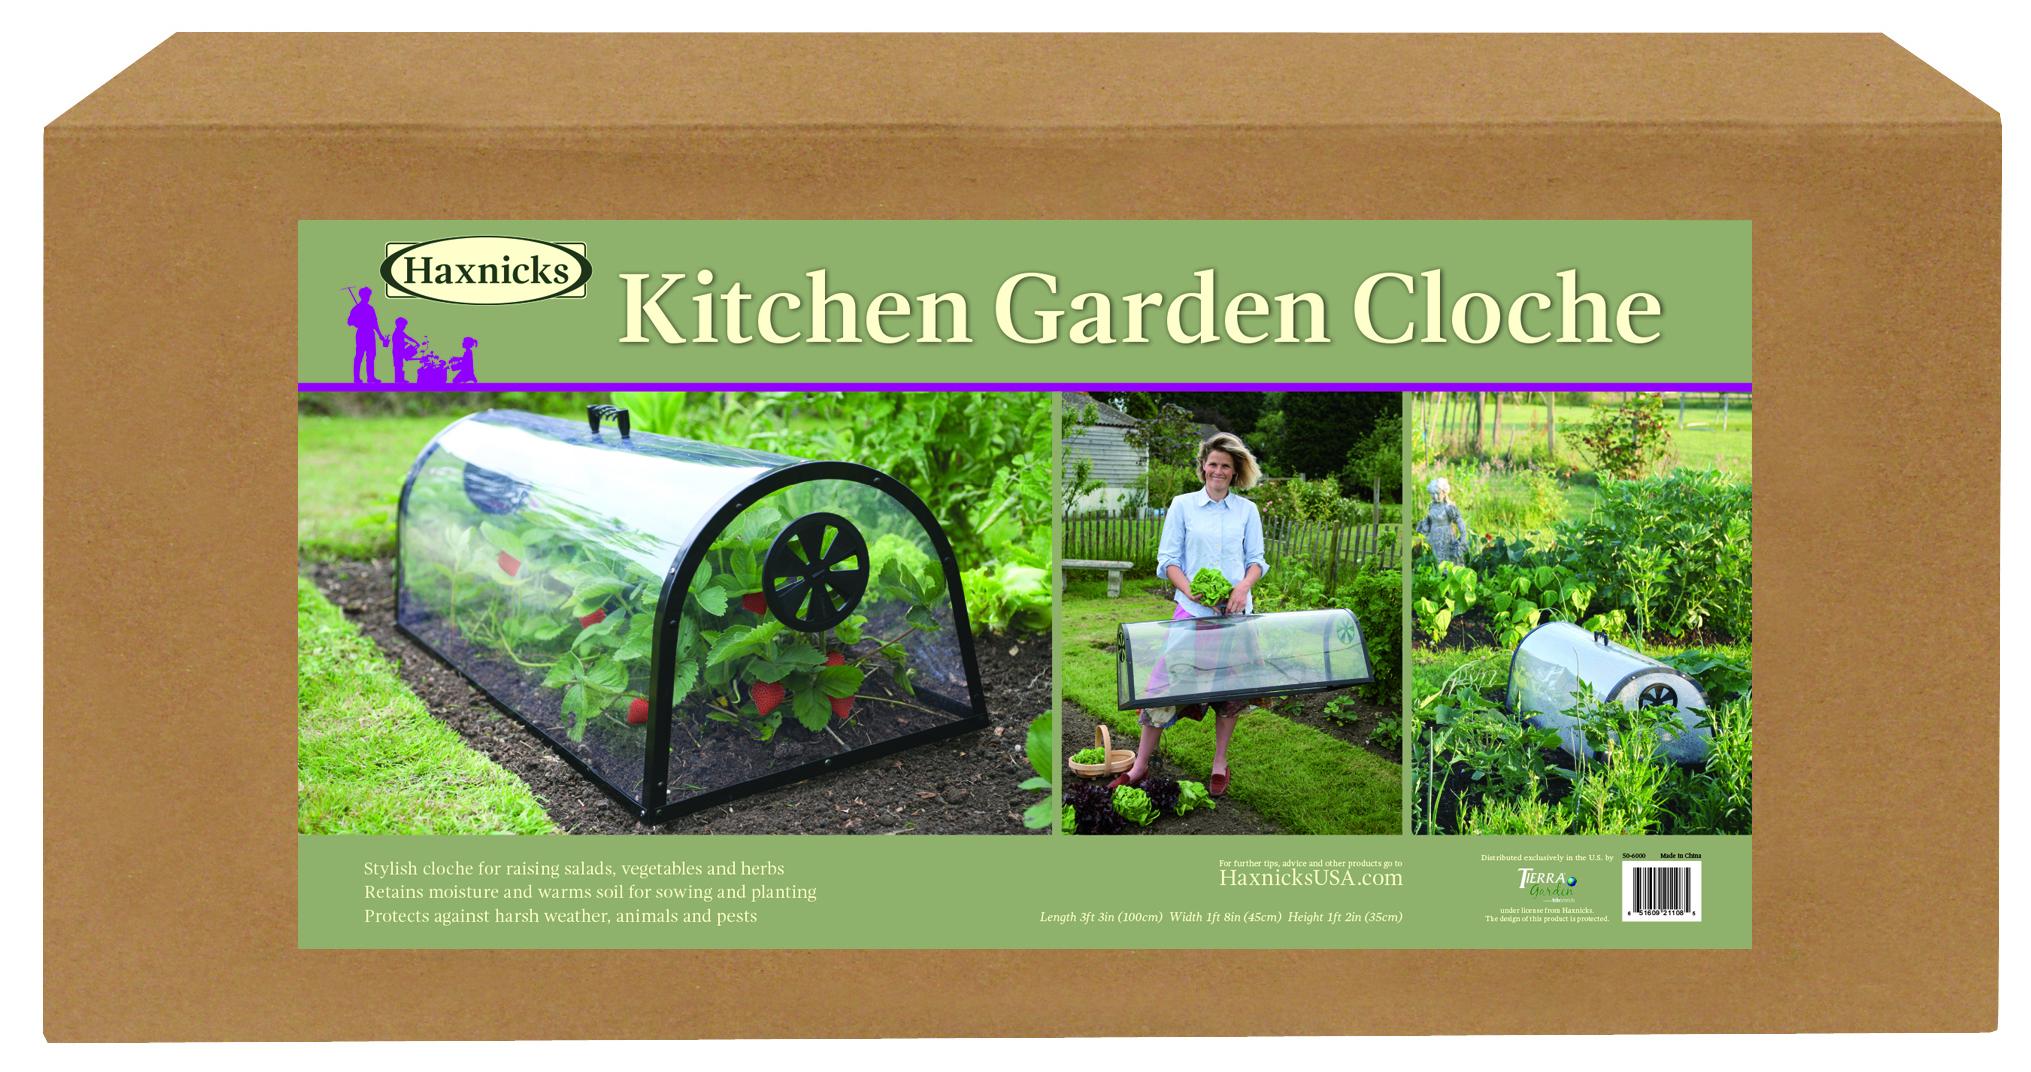 Haxnicks Kitchen Garden Cloche.jpg